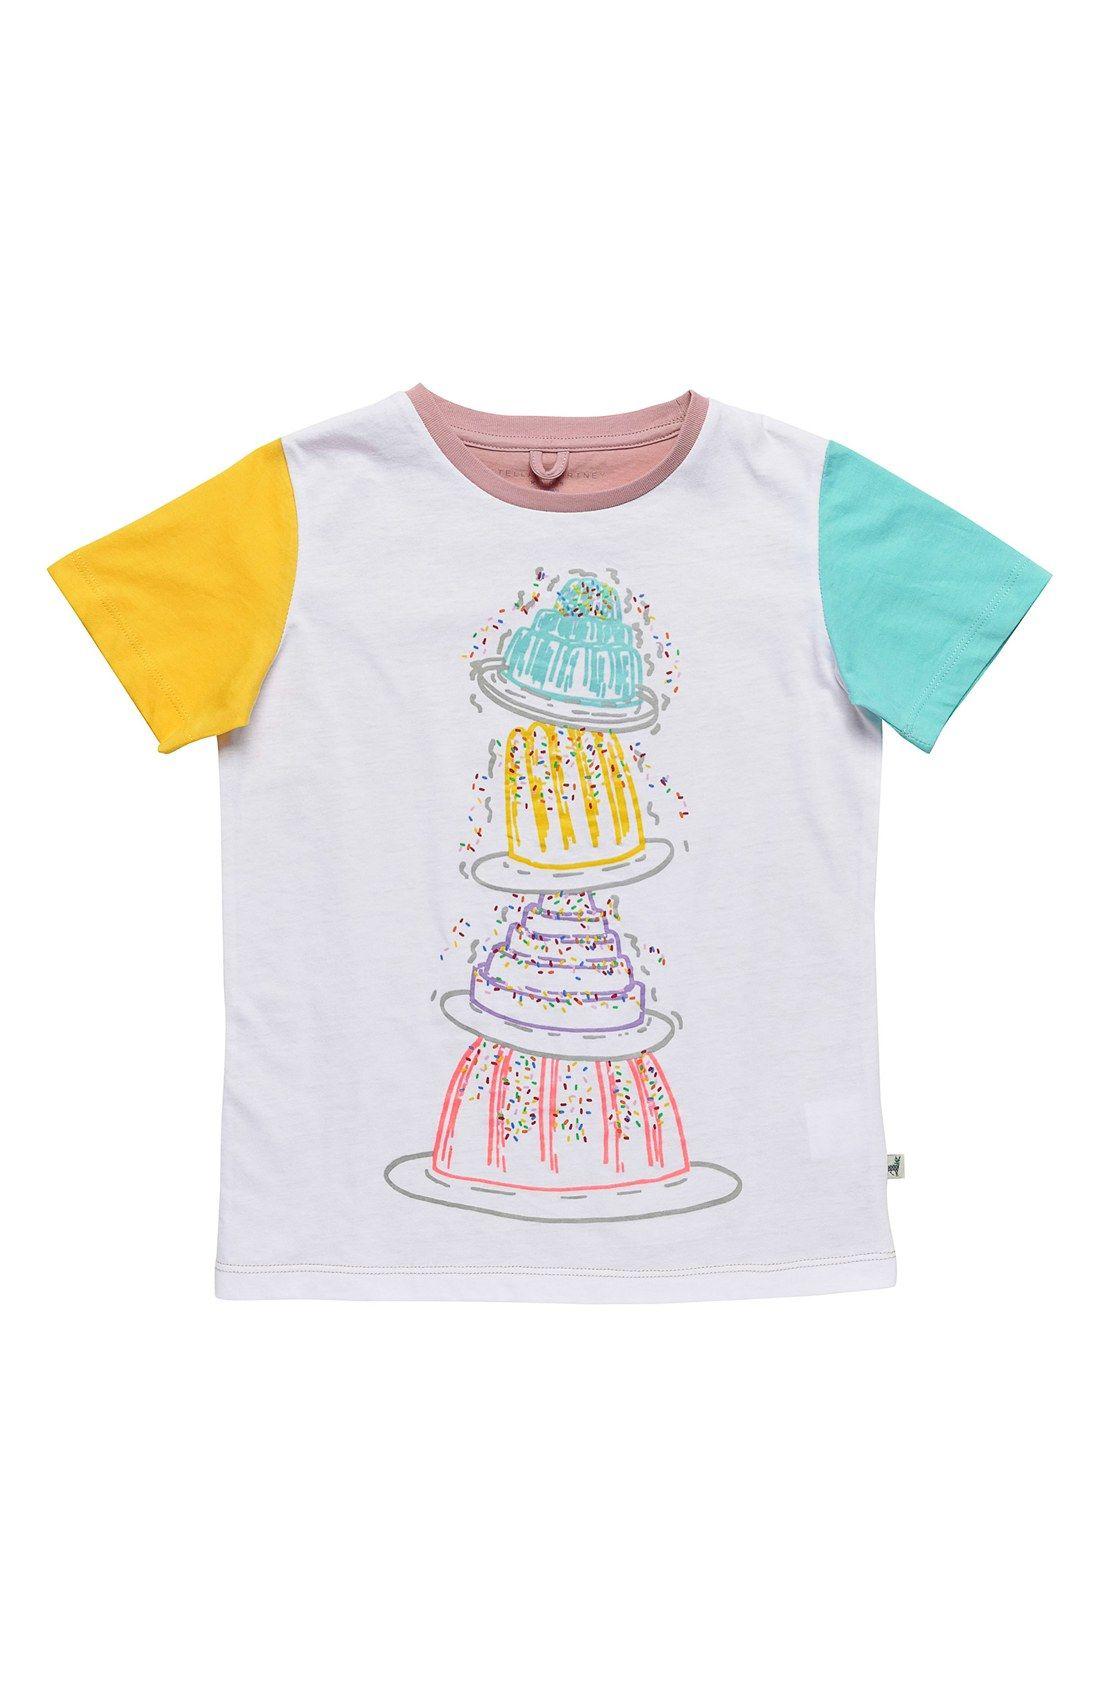 Stella McCartney Kids 'Arlo' Colorblock Organic Cotton Tee (Toddler Girls, Little Girls & Big Girls)